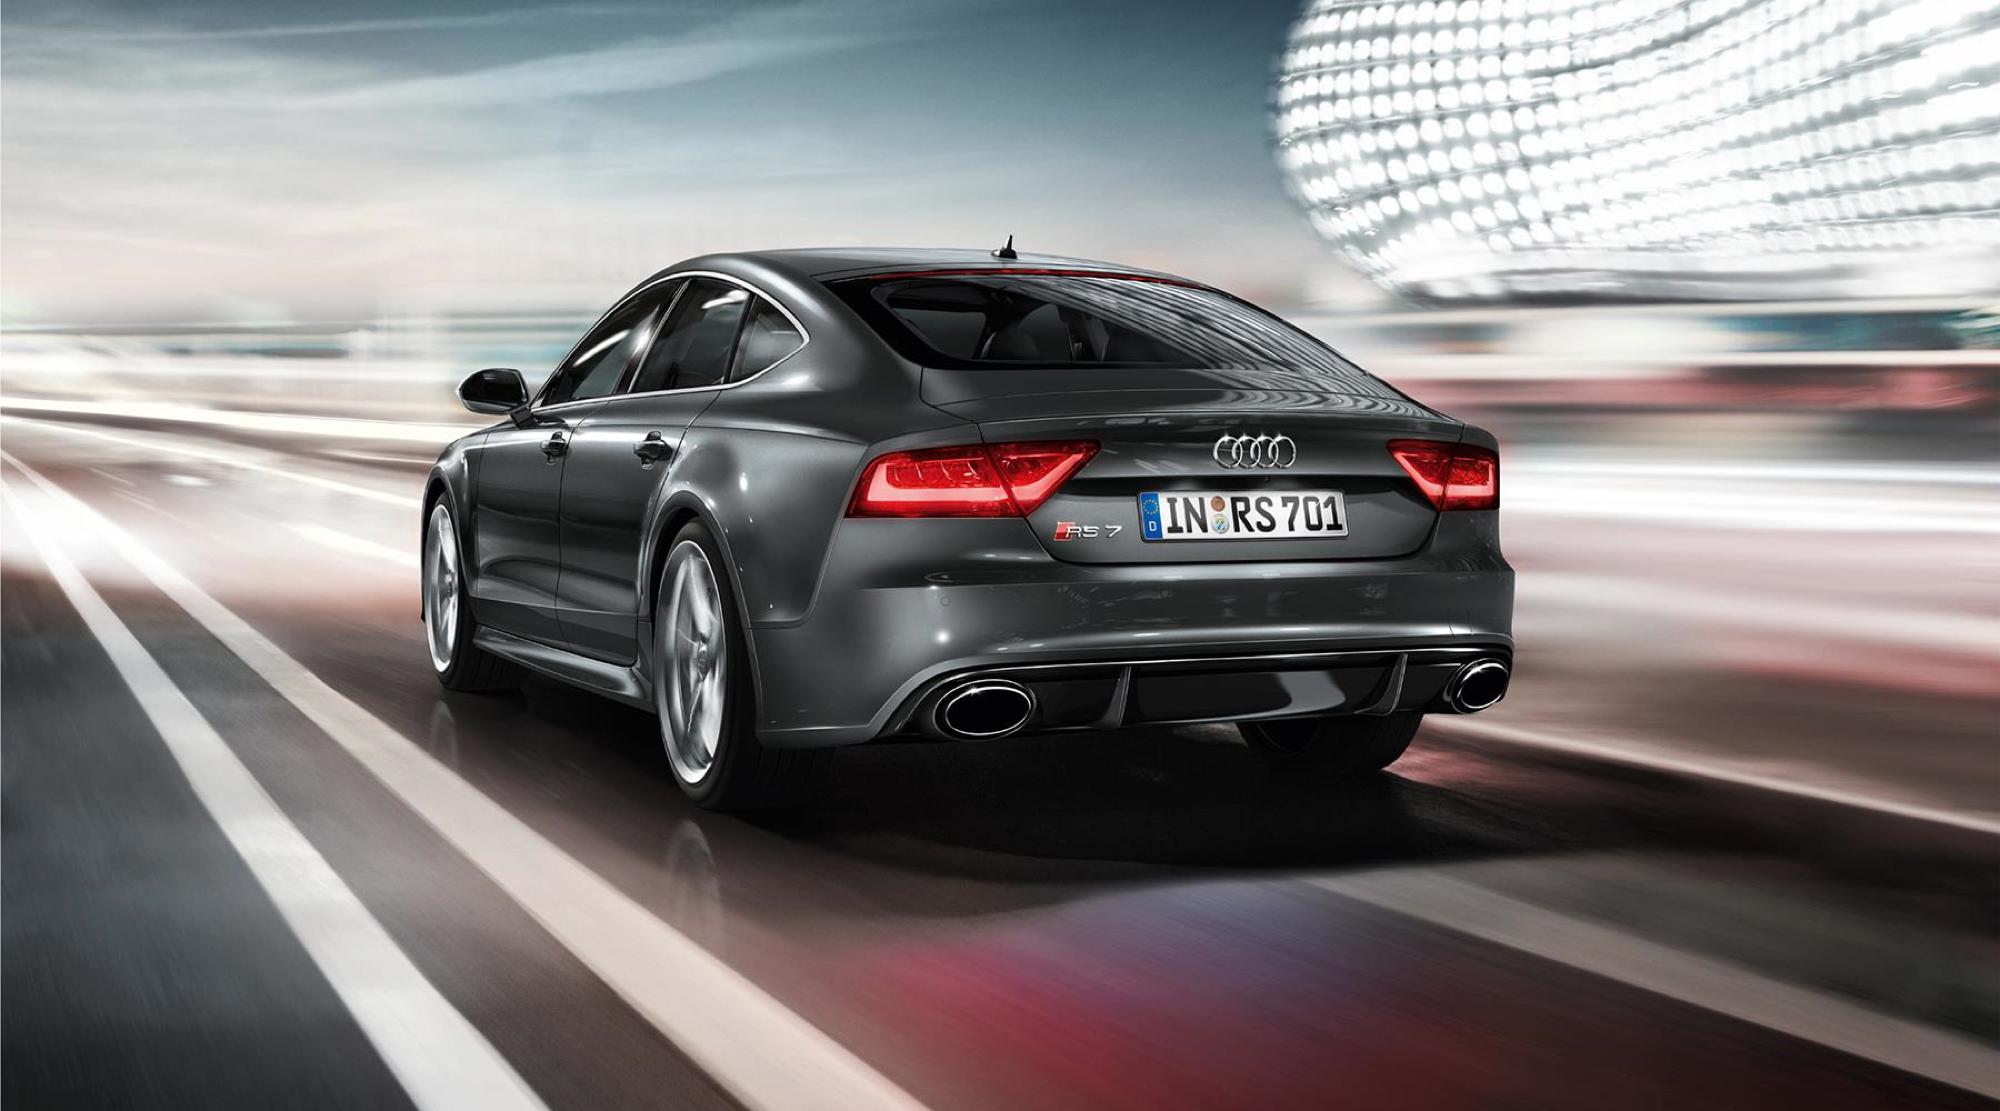 Designapplause 2014 Audi Rs7